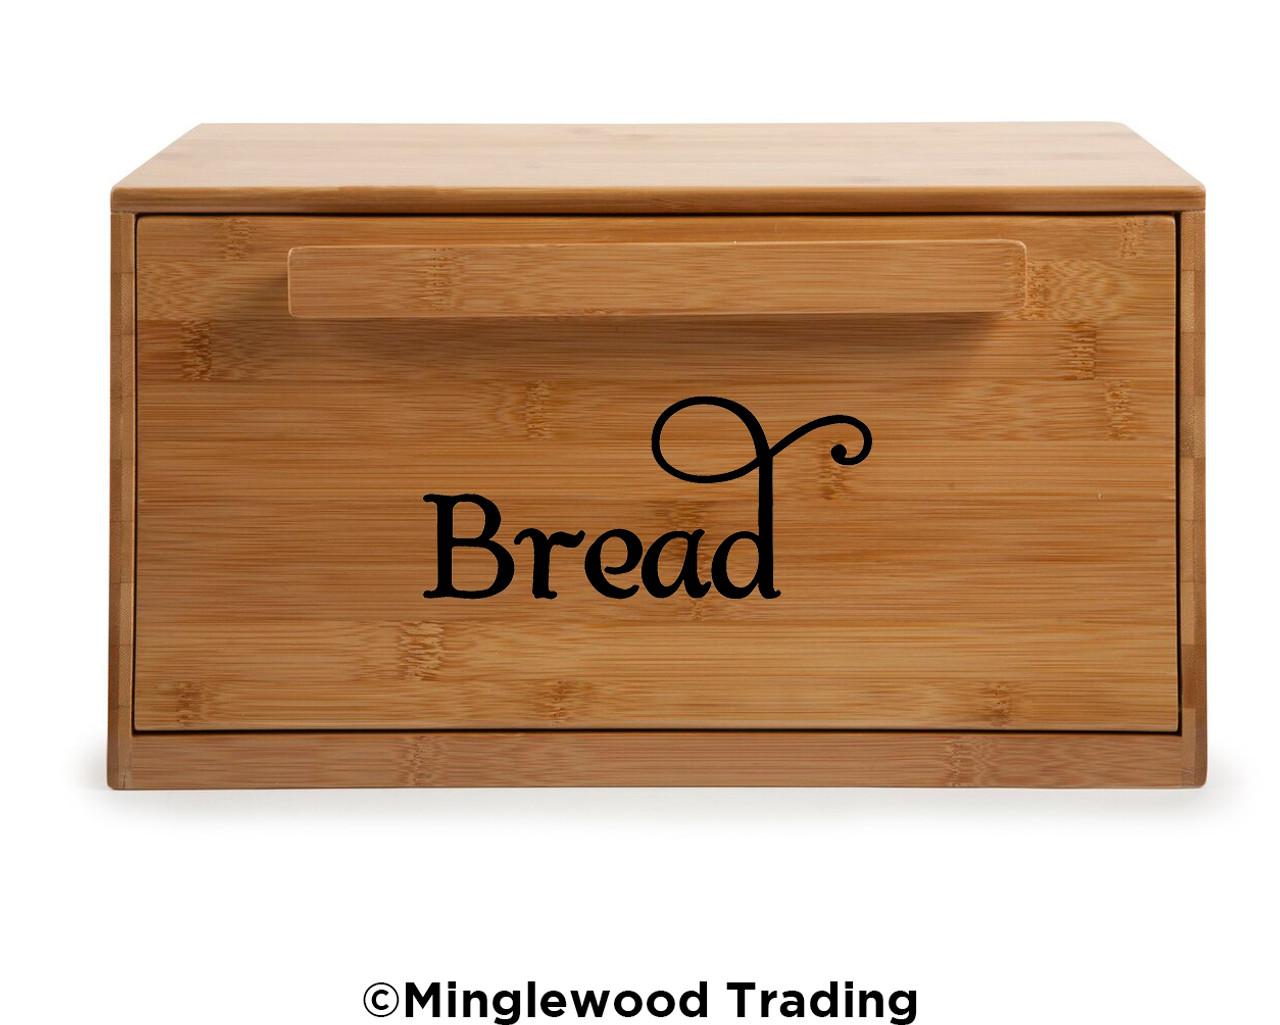 BREAD Vinyl Sticker - Kitchen Breadbox Label - Box Bin - Die Cut Decal - Swash